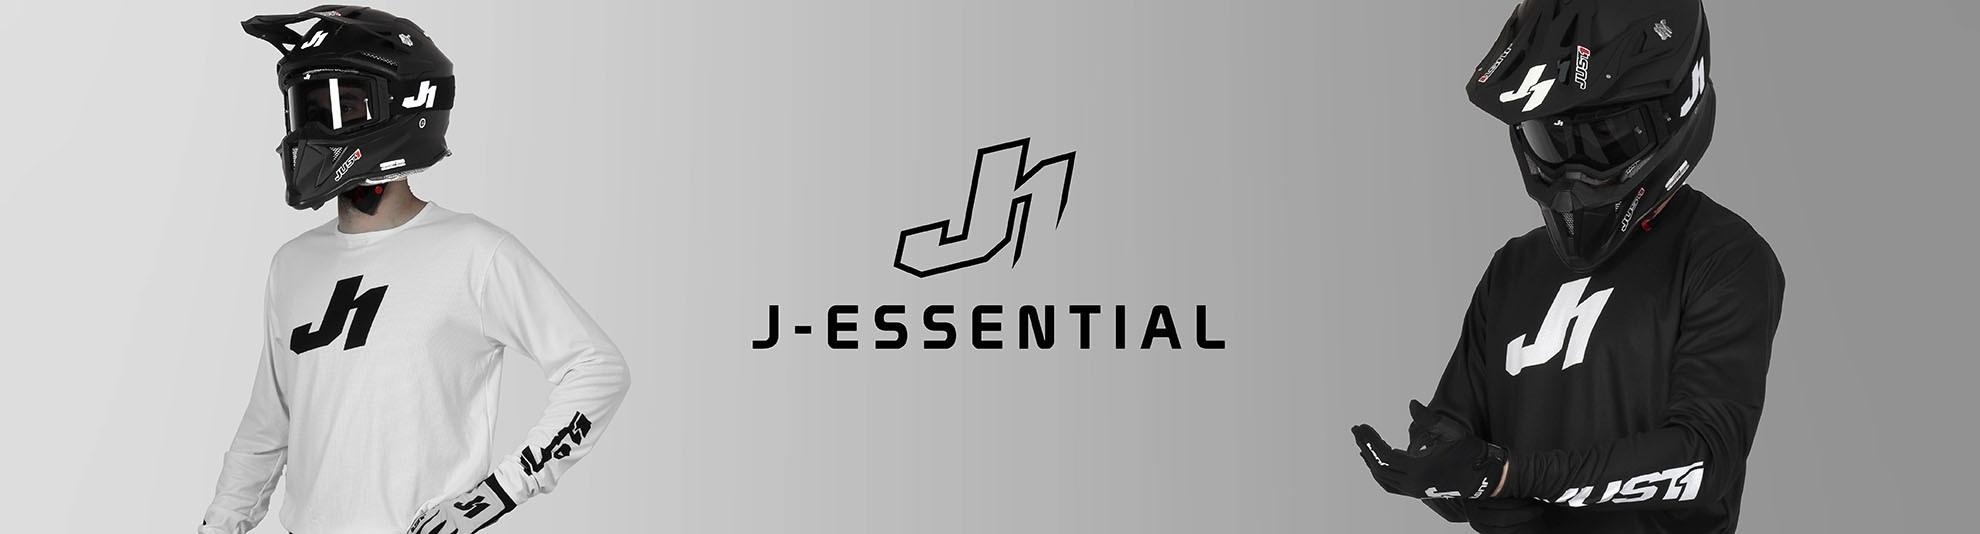 J-ESSENTIAL GEAR